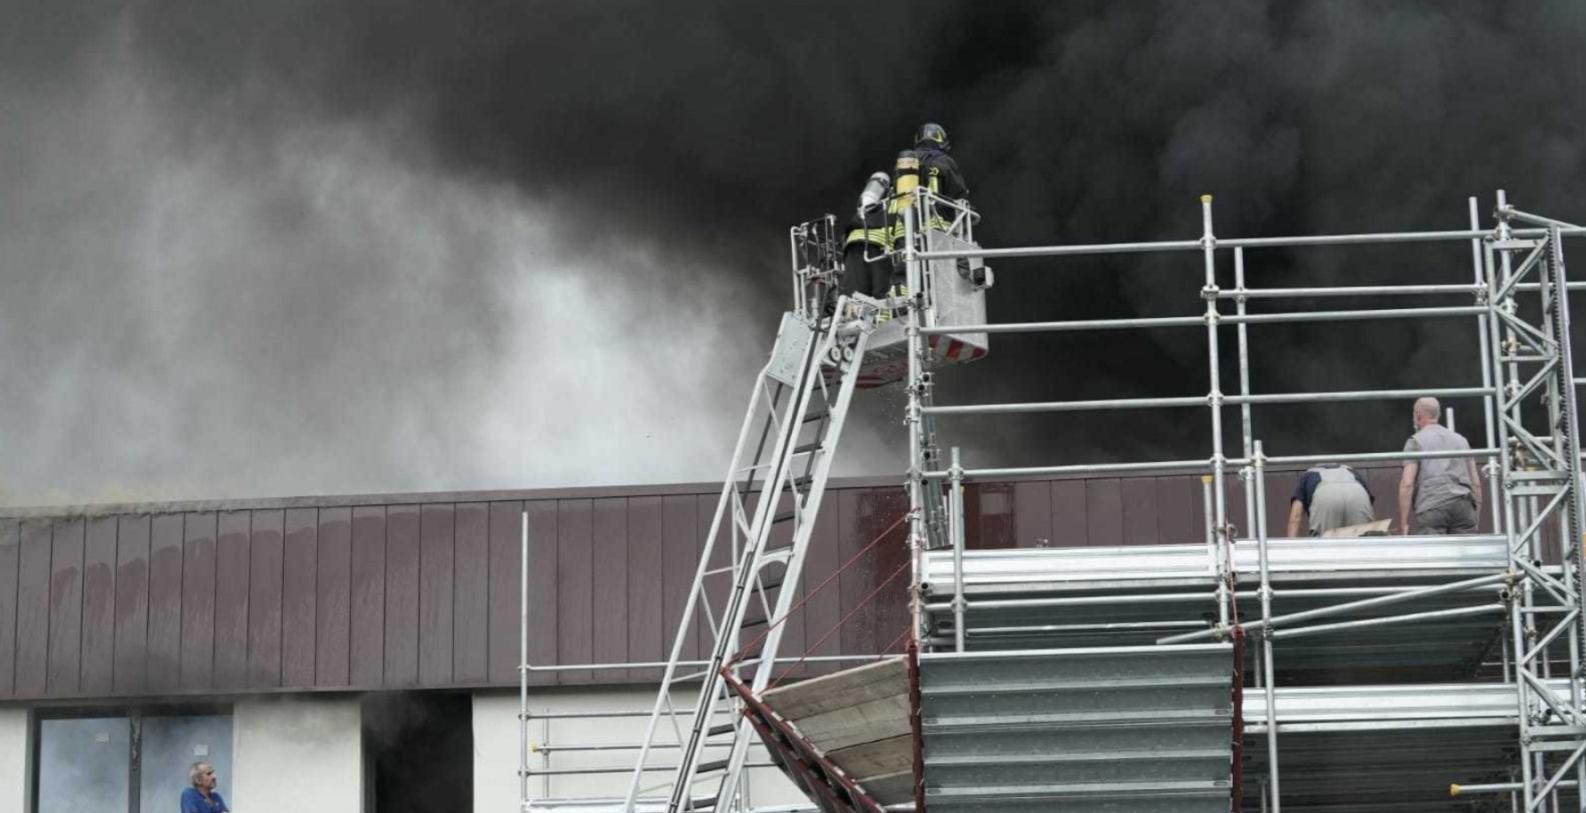 Пожар возник на верхних этажах.